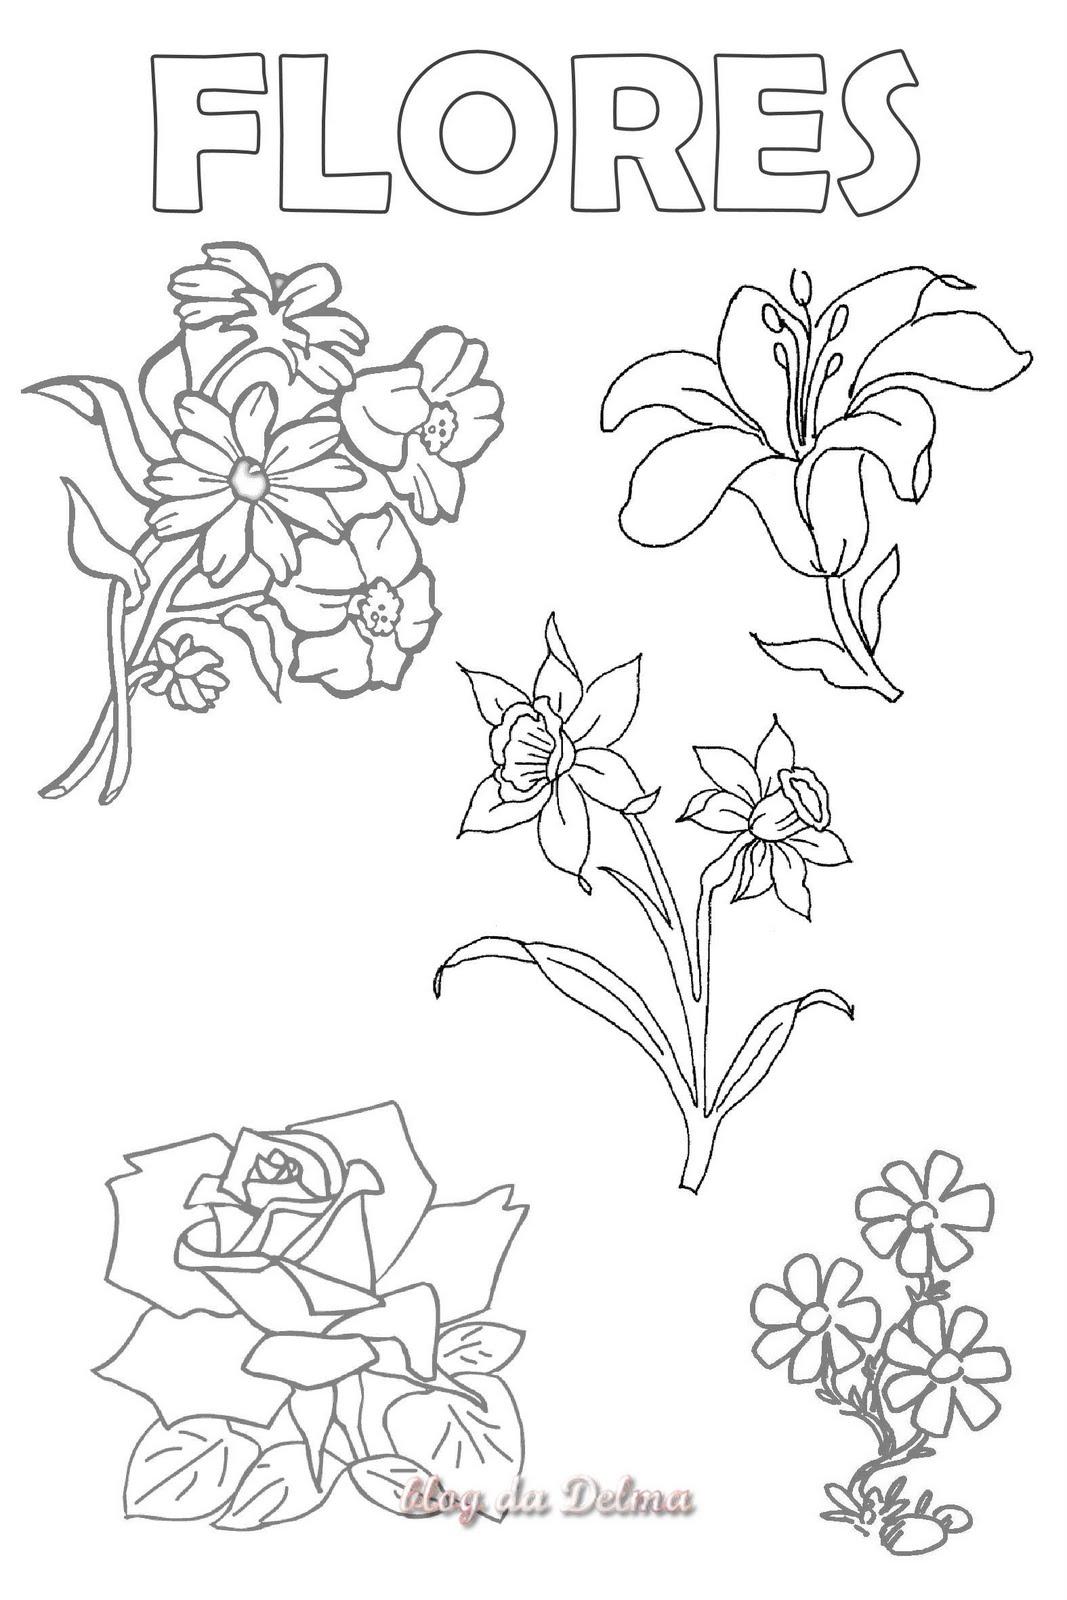 imagens de jardim horta e pomar : imagens de jardim horta e pomar:Não devemos esquecer das plantas medicinais, dos chás, dos unguentos